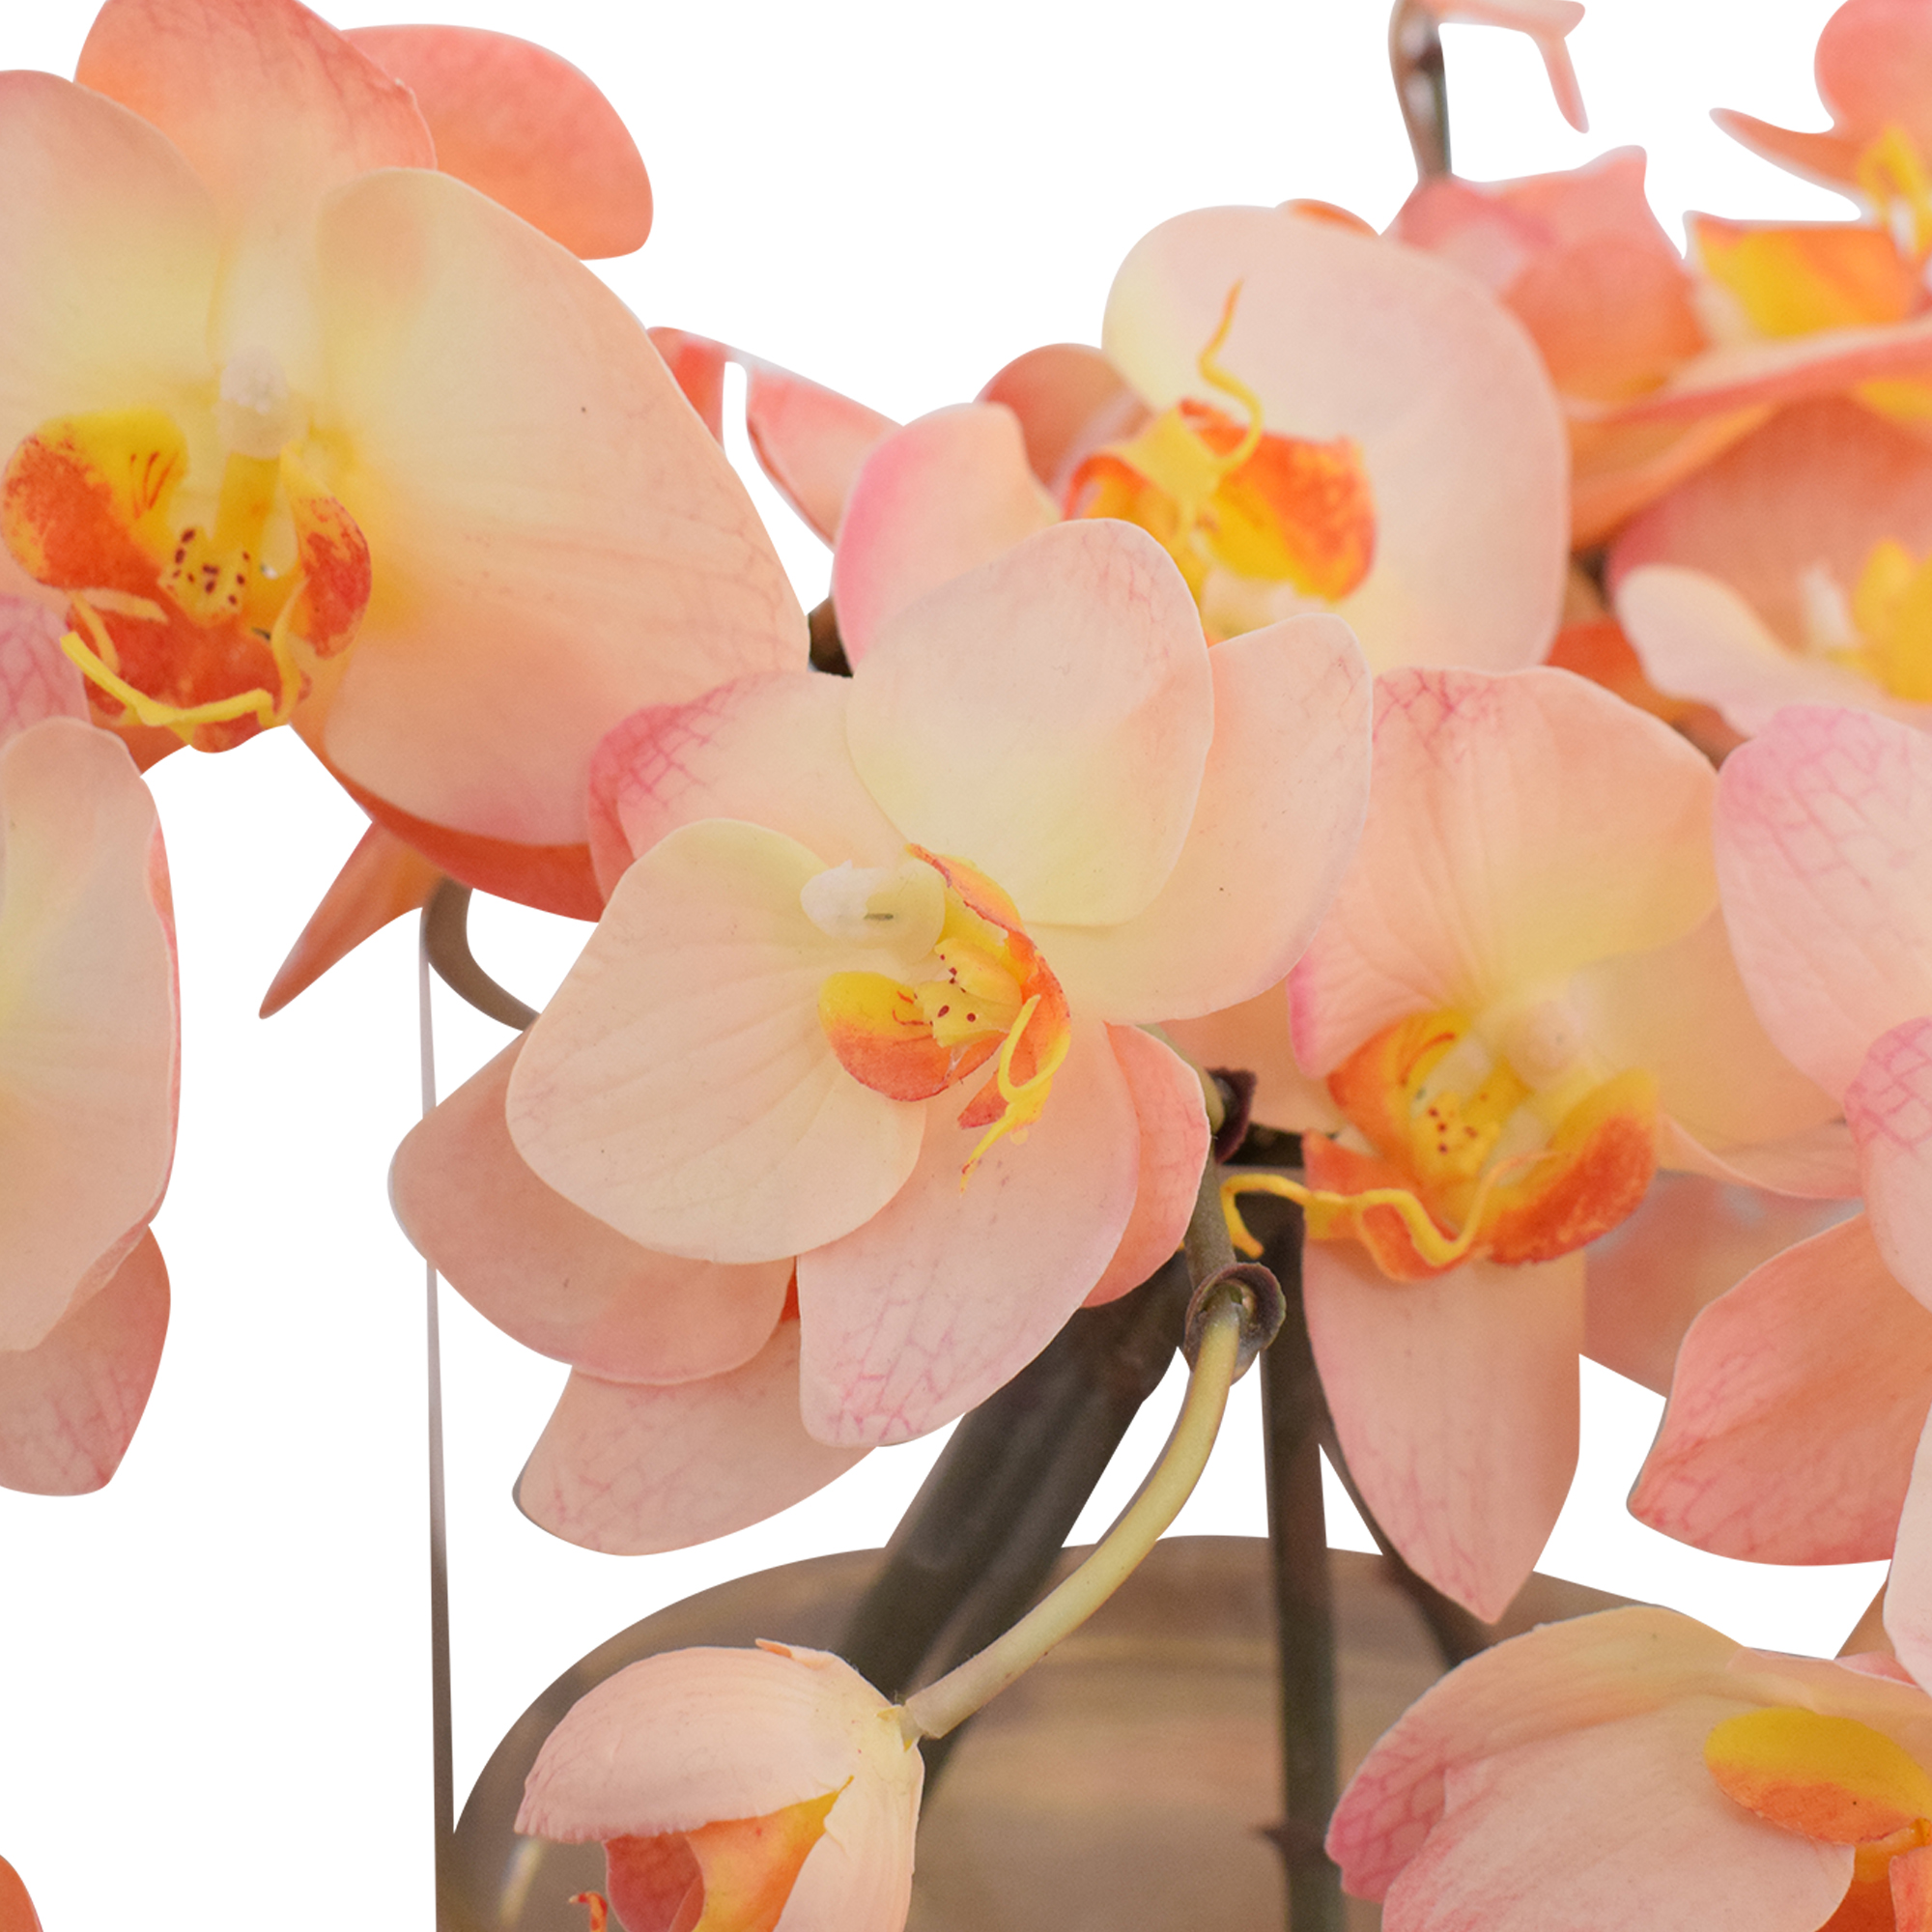 Ethan Allen Decorative Vase of Orchids / Decor